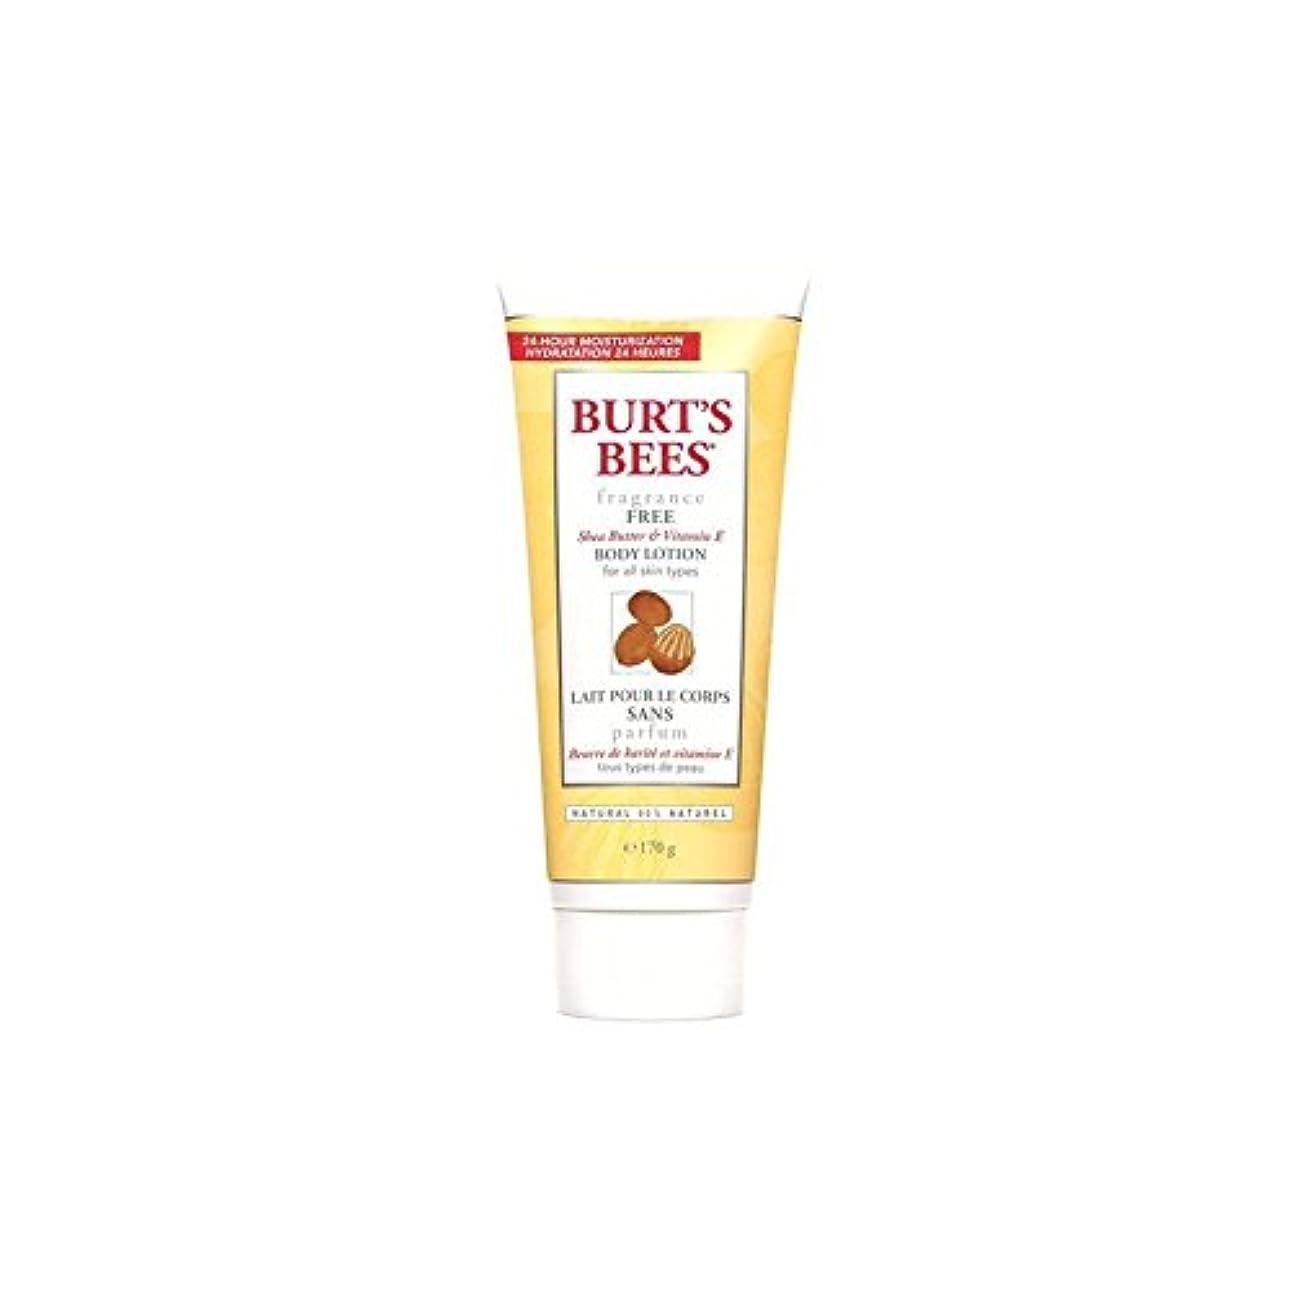 落胆させる生む音声バーツビーボディローション - 無香料6オンス x2 - Burt's Bees Body Lotion - Fragrance Free 6fl oz (Pack of 2) [並行輸入品]